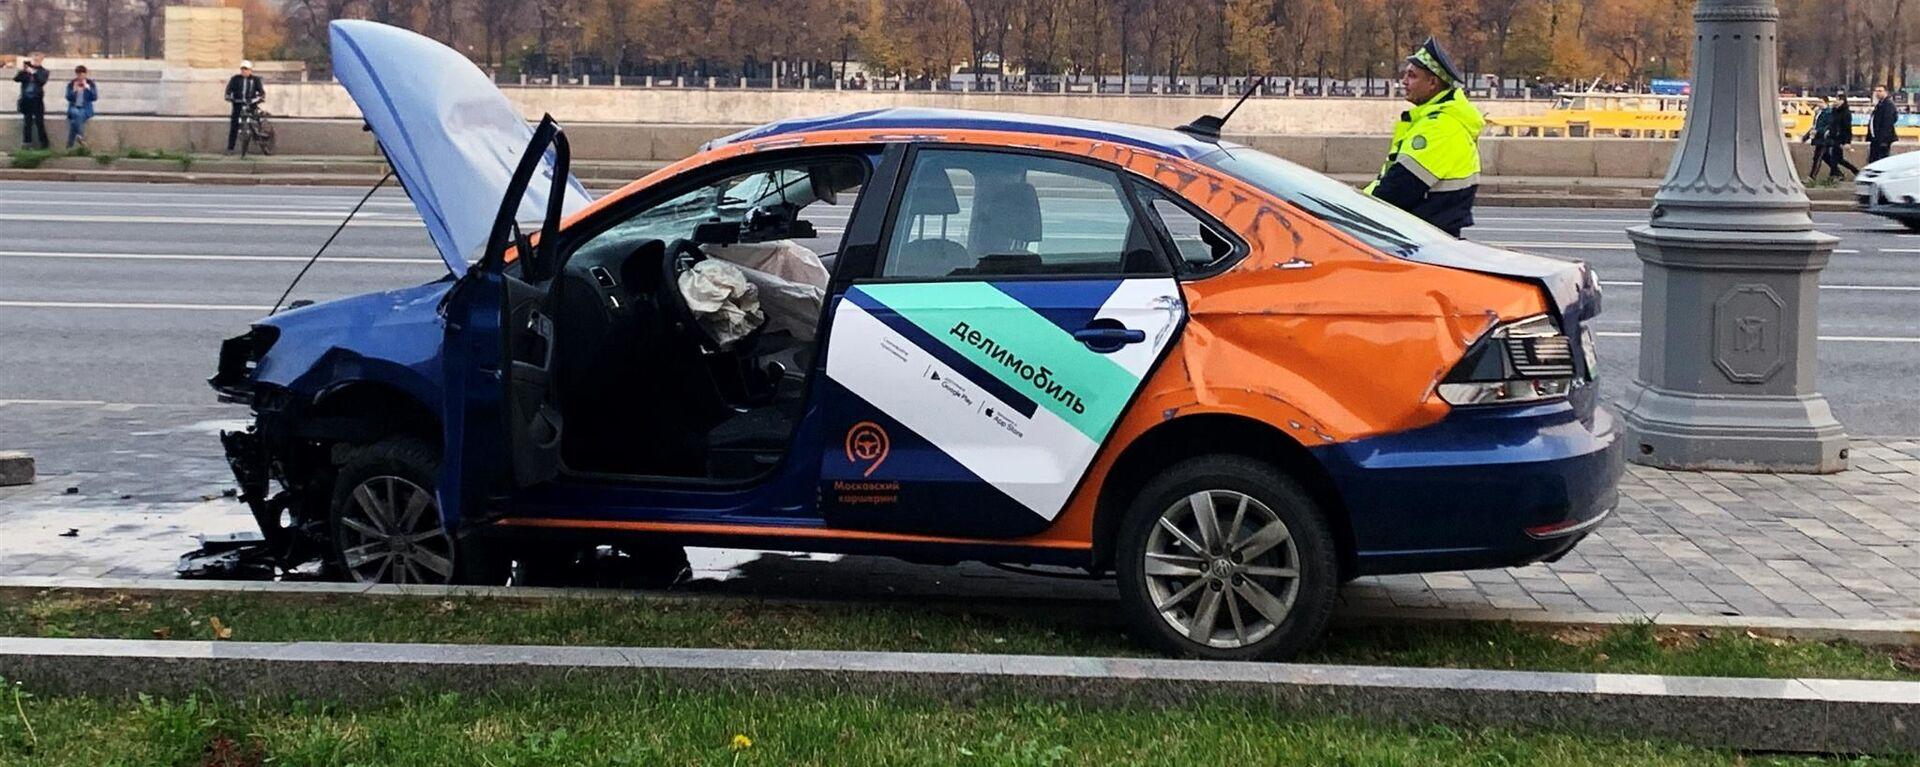 Каршеринговый автомобиль попал в ДТП  - Sputnik Таджикистан, 1920, 22.12.2020